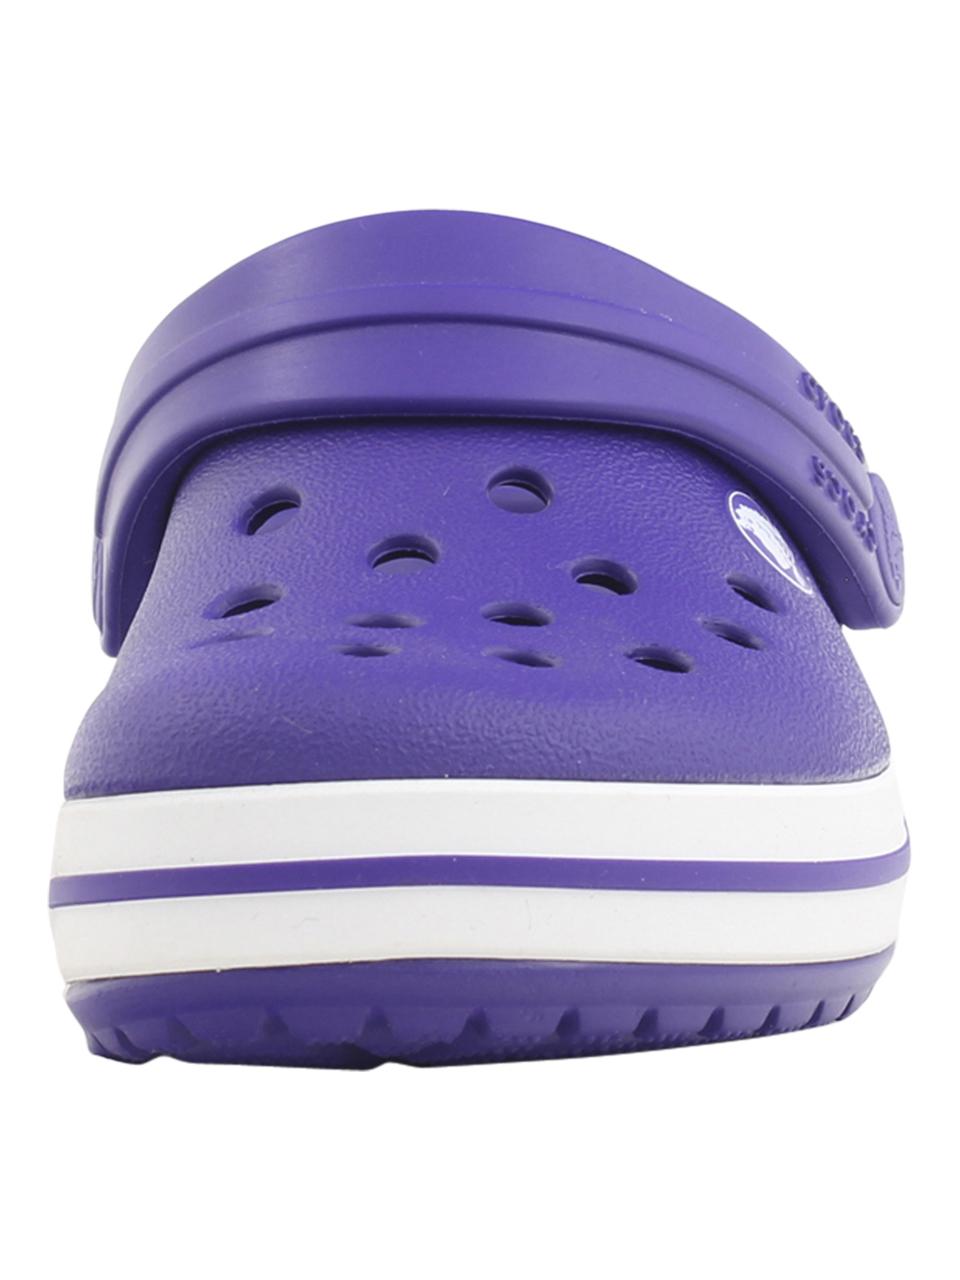 Crocs-Little-Kid-039-s-Crocband-Clogs-Sandals-Shoes thumbnail 16